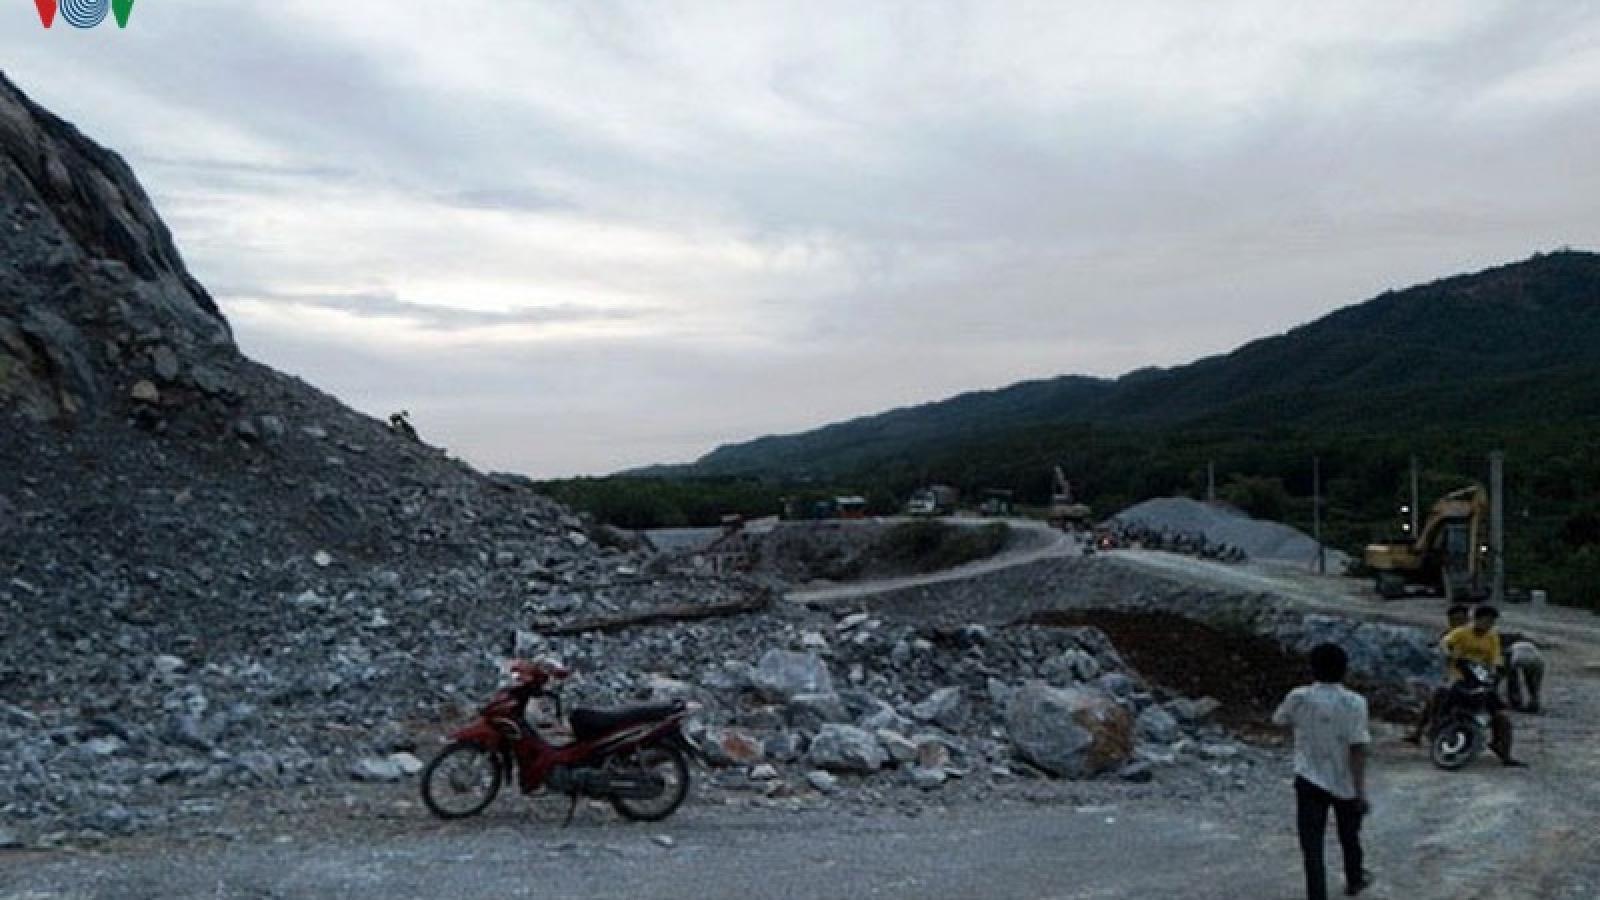 Tai nạn tại mỏ đá ở Quảng Bình khiến 1 công nhân tử vong